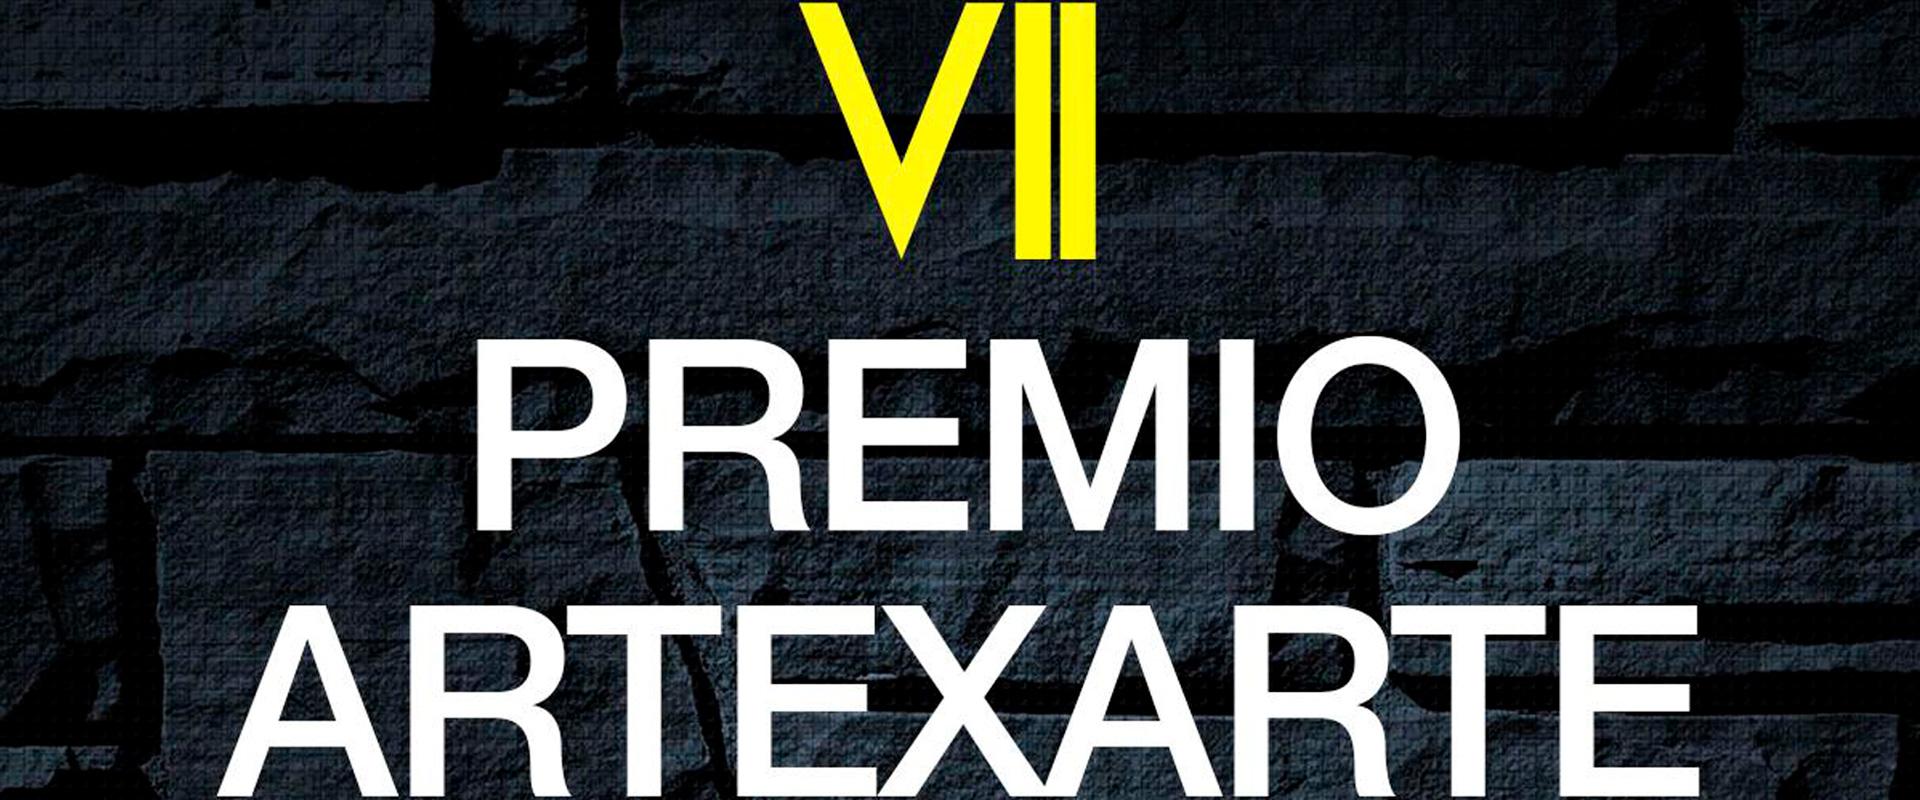 """VII Premio """"Arte x Arte"""""""